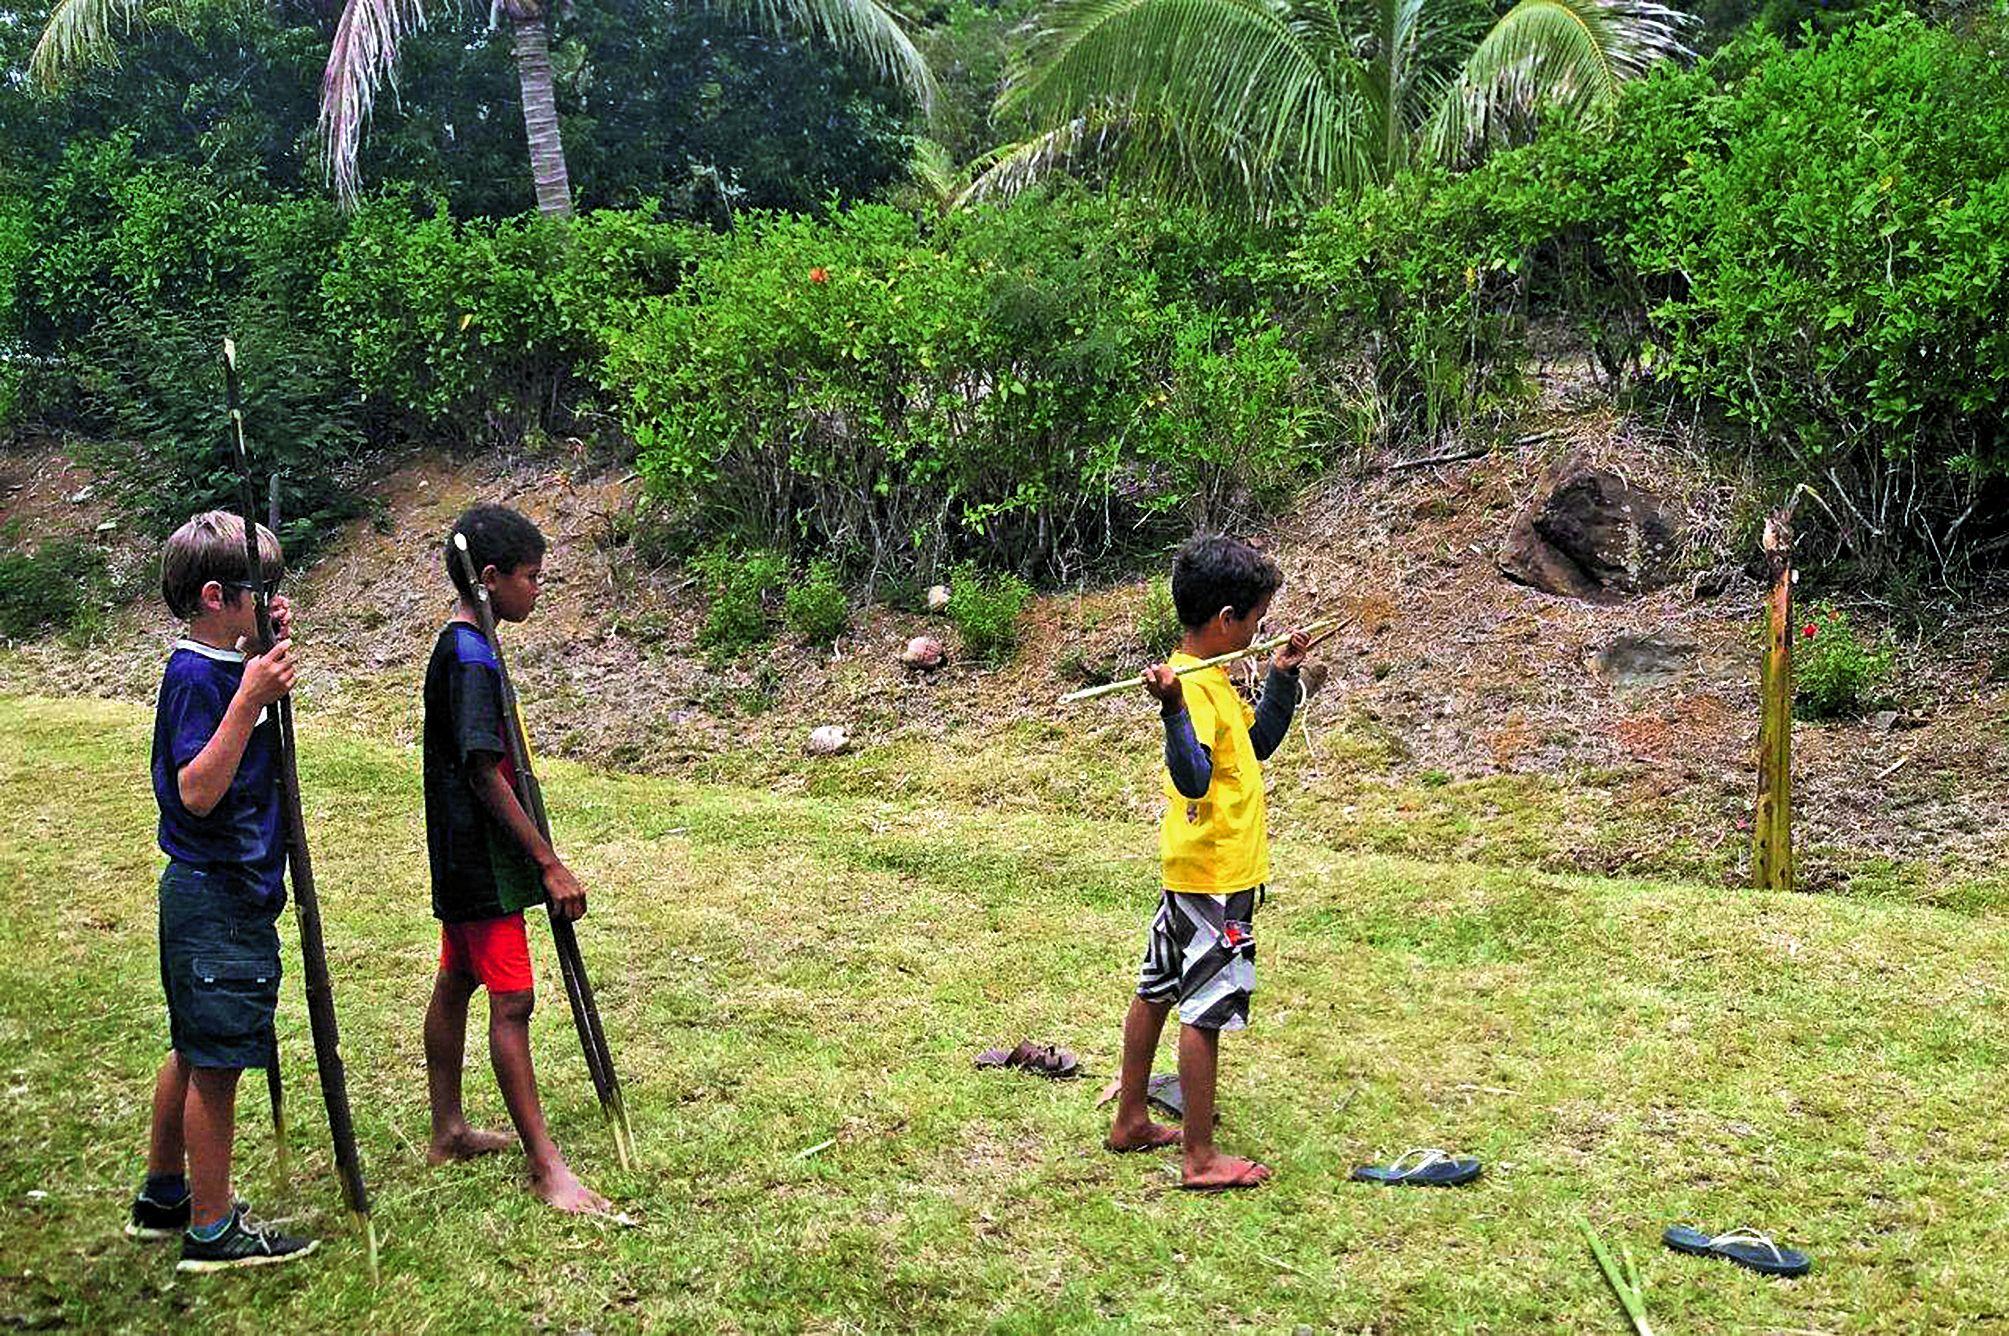 Les habitants de Nighou se sont mobilisés pour l'accueil des raiders, avec l'installation d'une zone de camping et une restauration à base  de produits locaux. A l'occasion des journées patrimoines, les enfants ont pu s'essayer au lancer de sagaie.